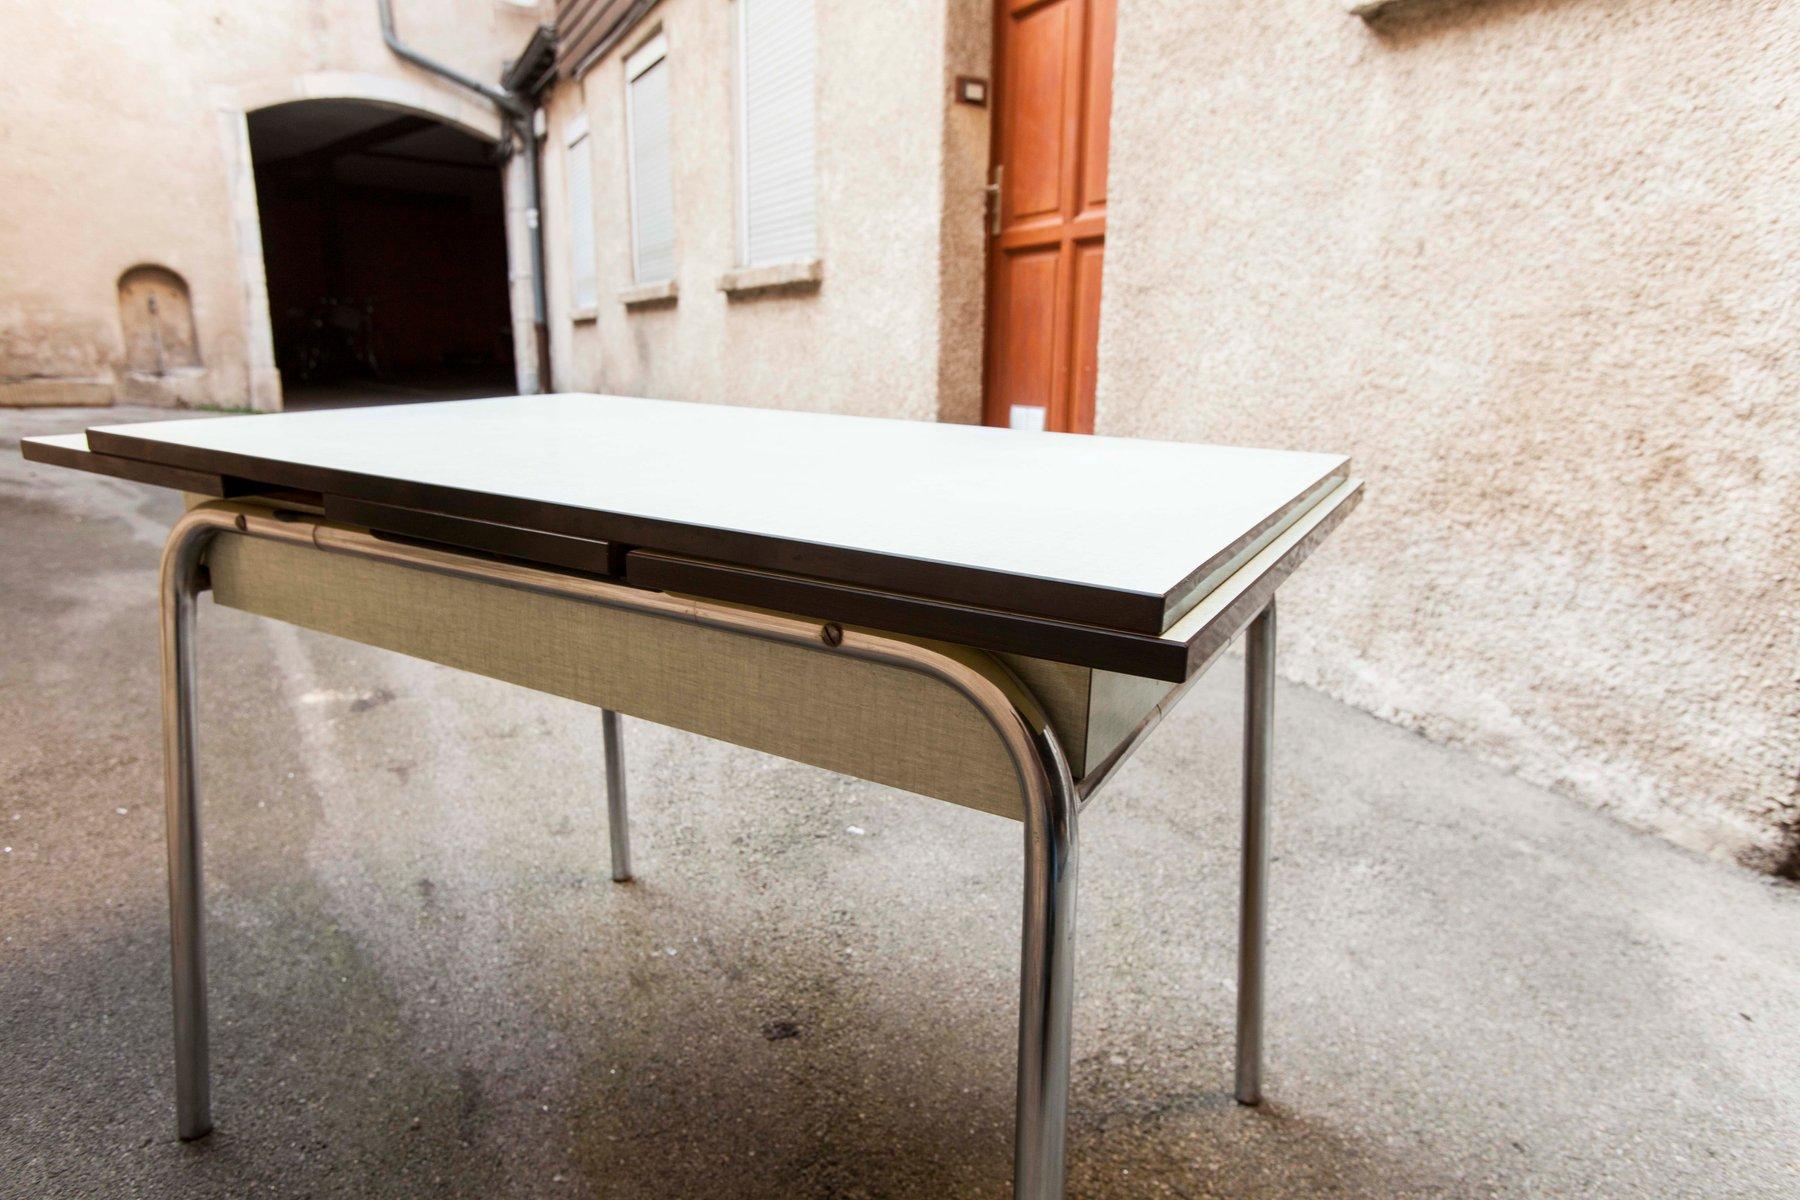 Table En Formica Vert Clair 1970s En Vente Sur Pamono